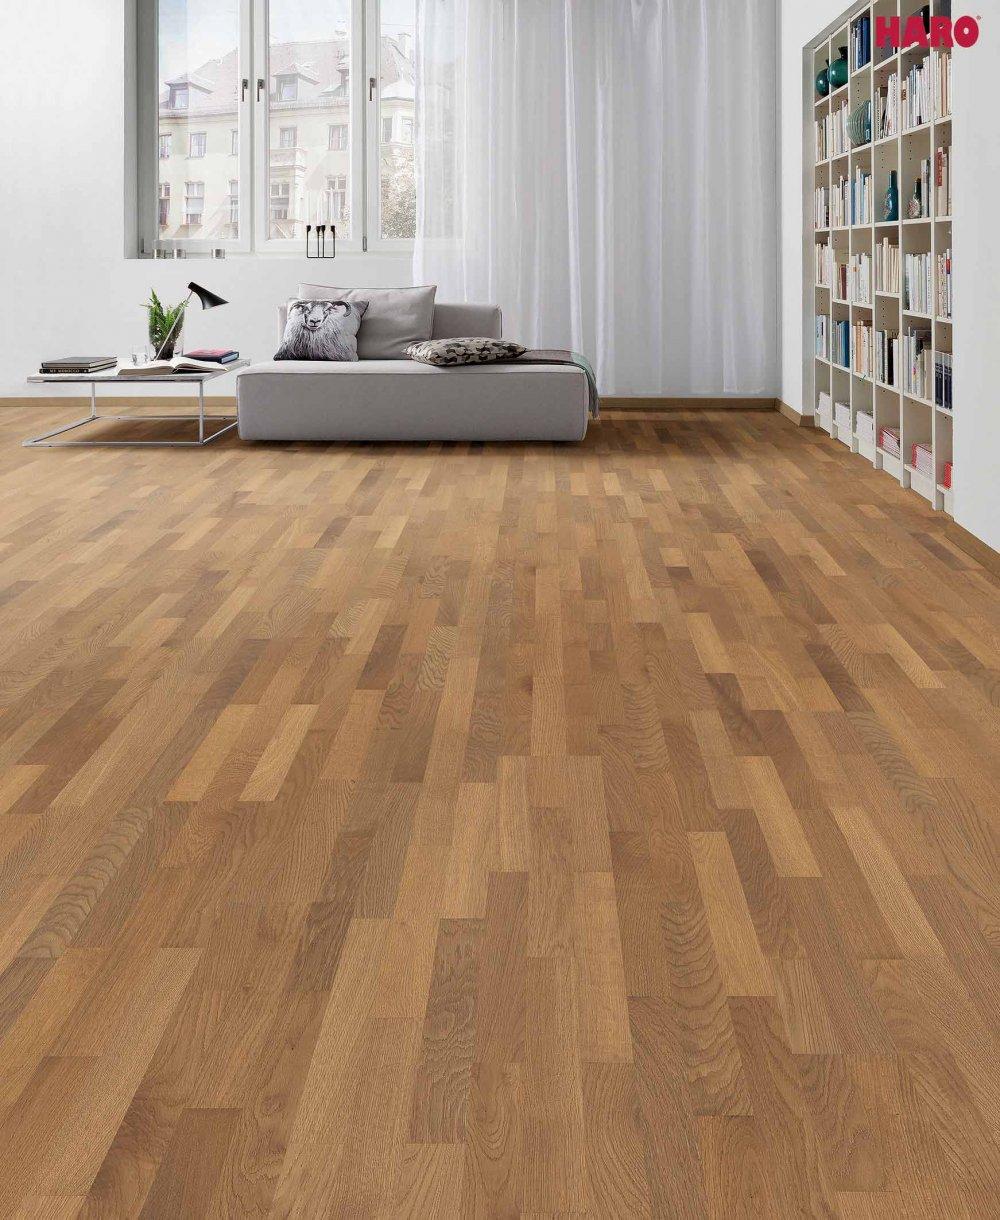 535417 haro parkett 3 stab schiffsboden 4000 bernsteineiche exquisit trend strukturiert. Black Bedroom Furniture Sets. Home Design Ideas